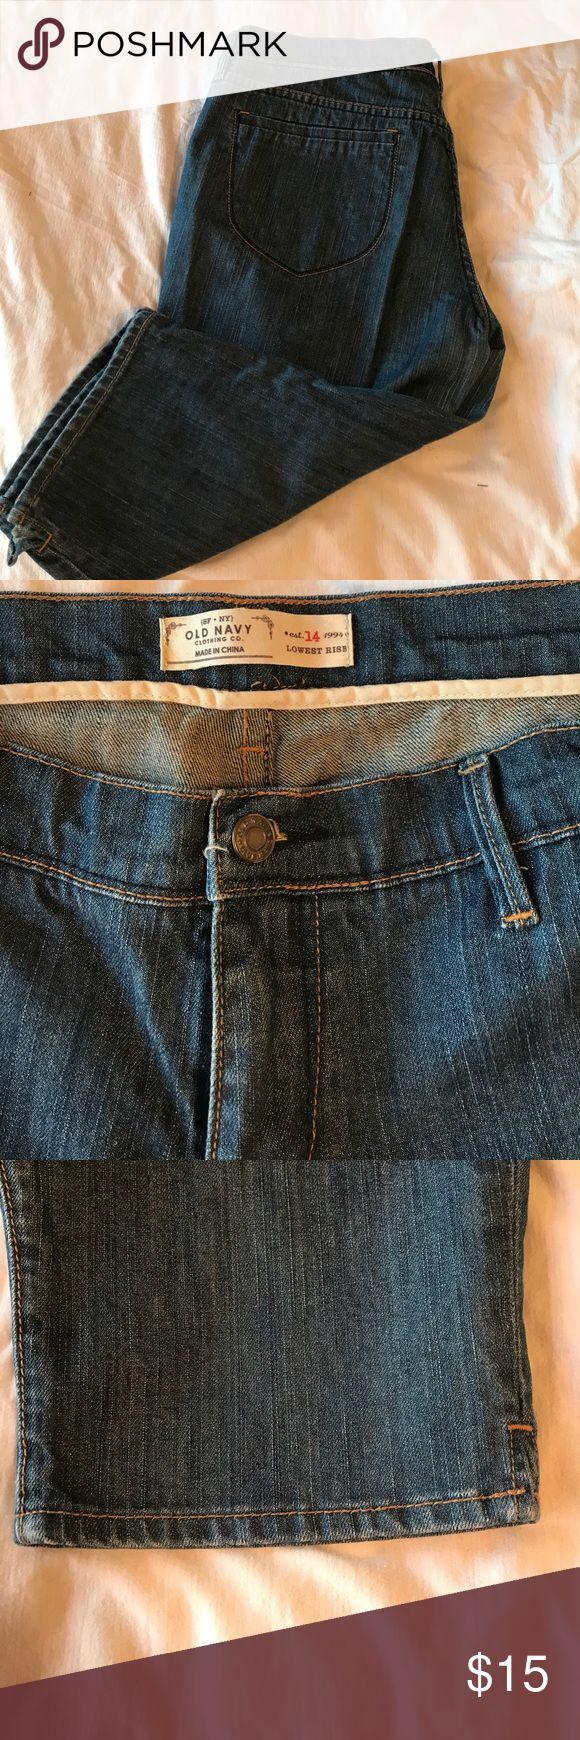 """Women's Jean Capris Jeans Capri pants, worn once. Excellent shape. Length is 24"""" Old Navy Pants Capris"""